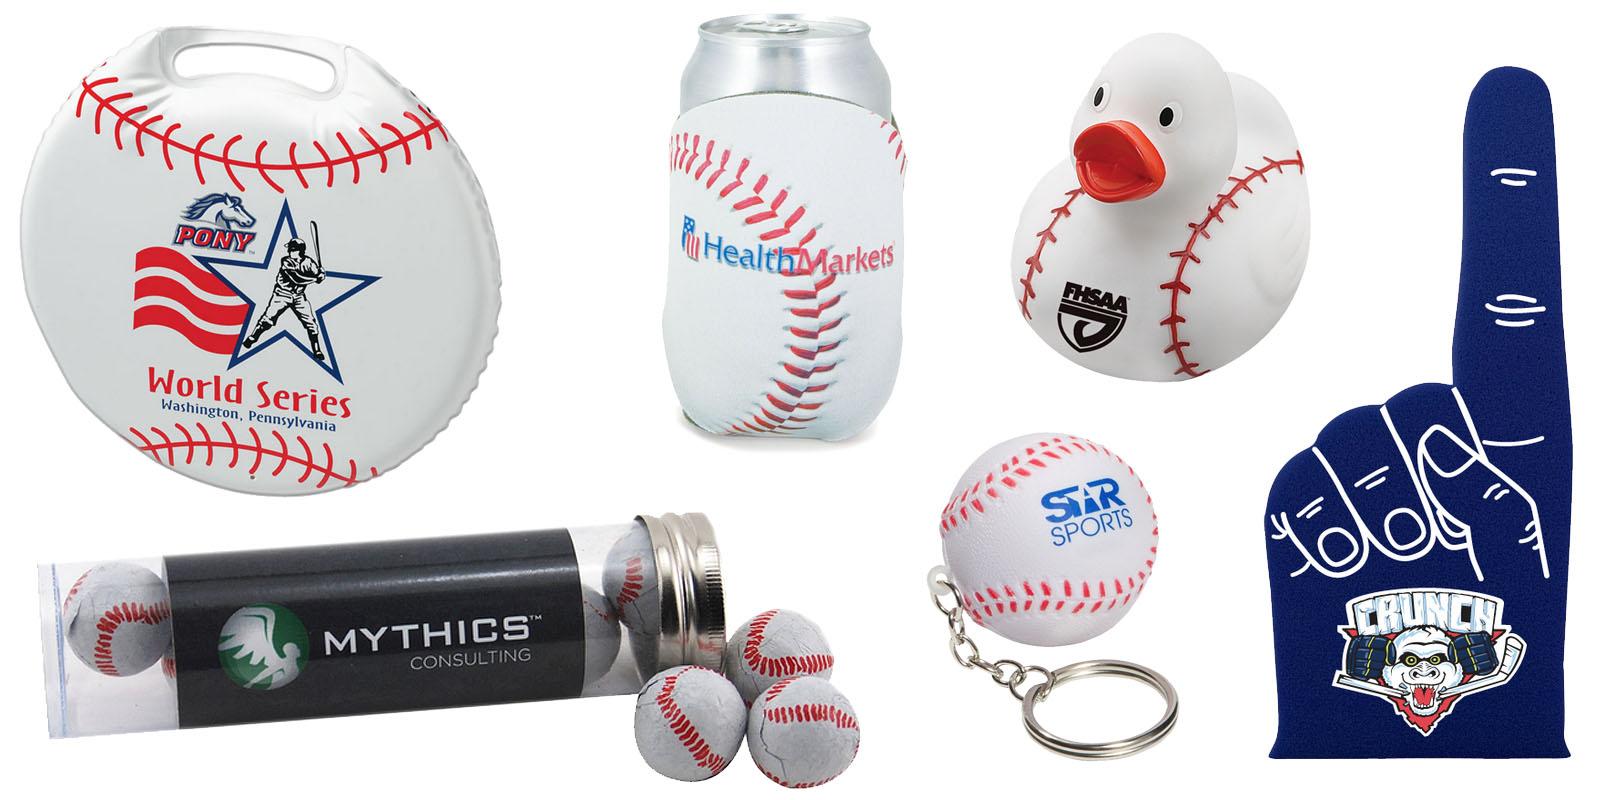 Marketing It Products Www Marketing26 Blogspot Com